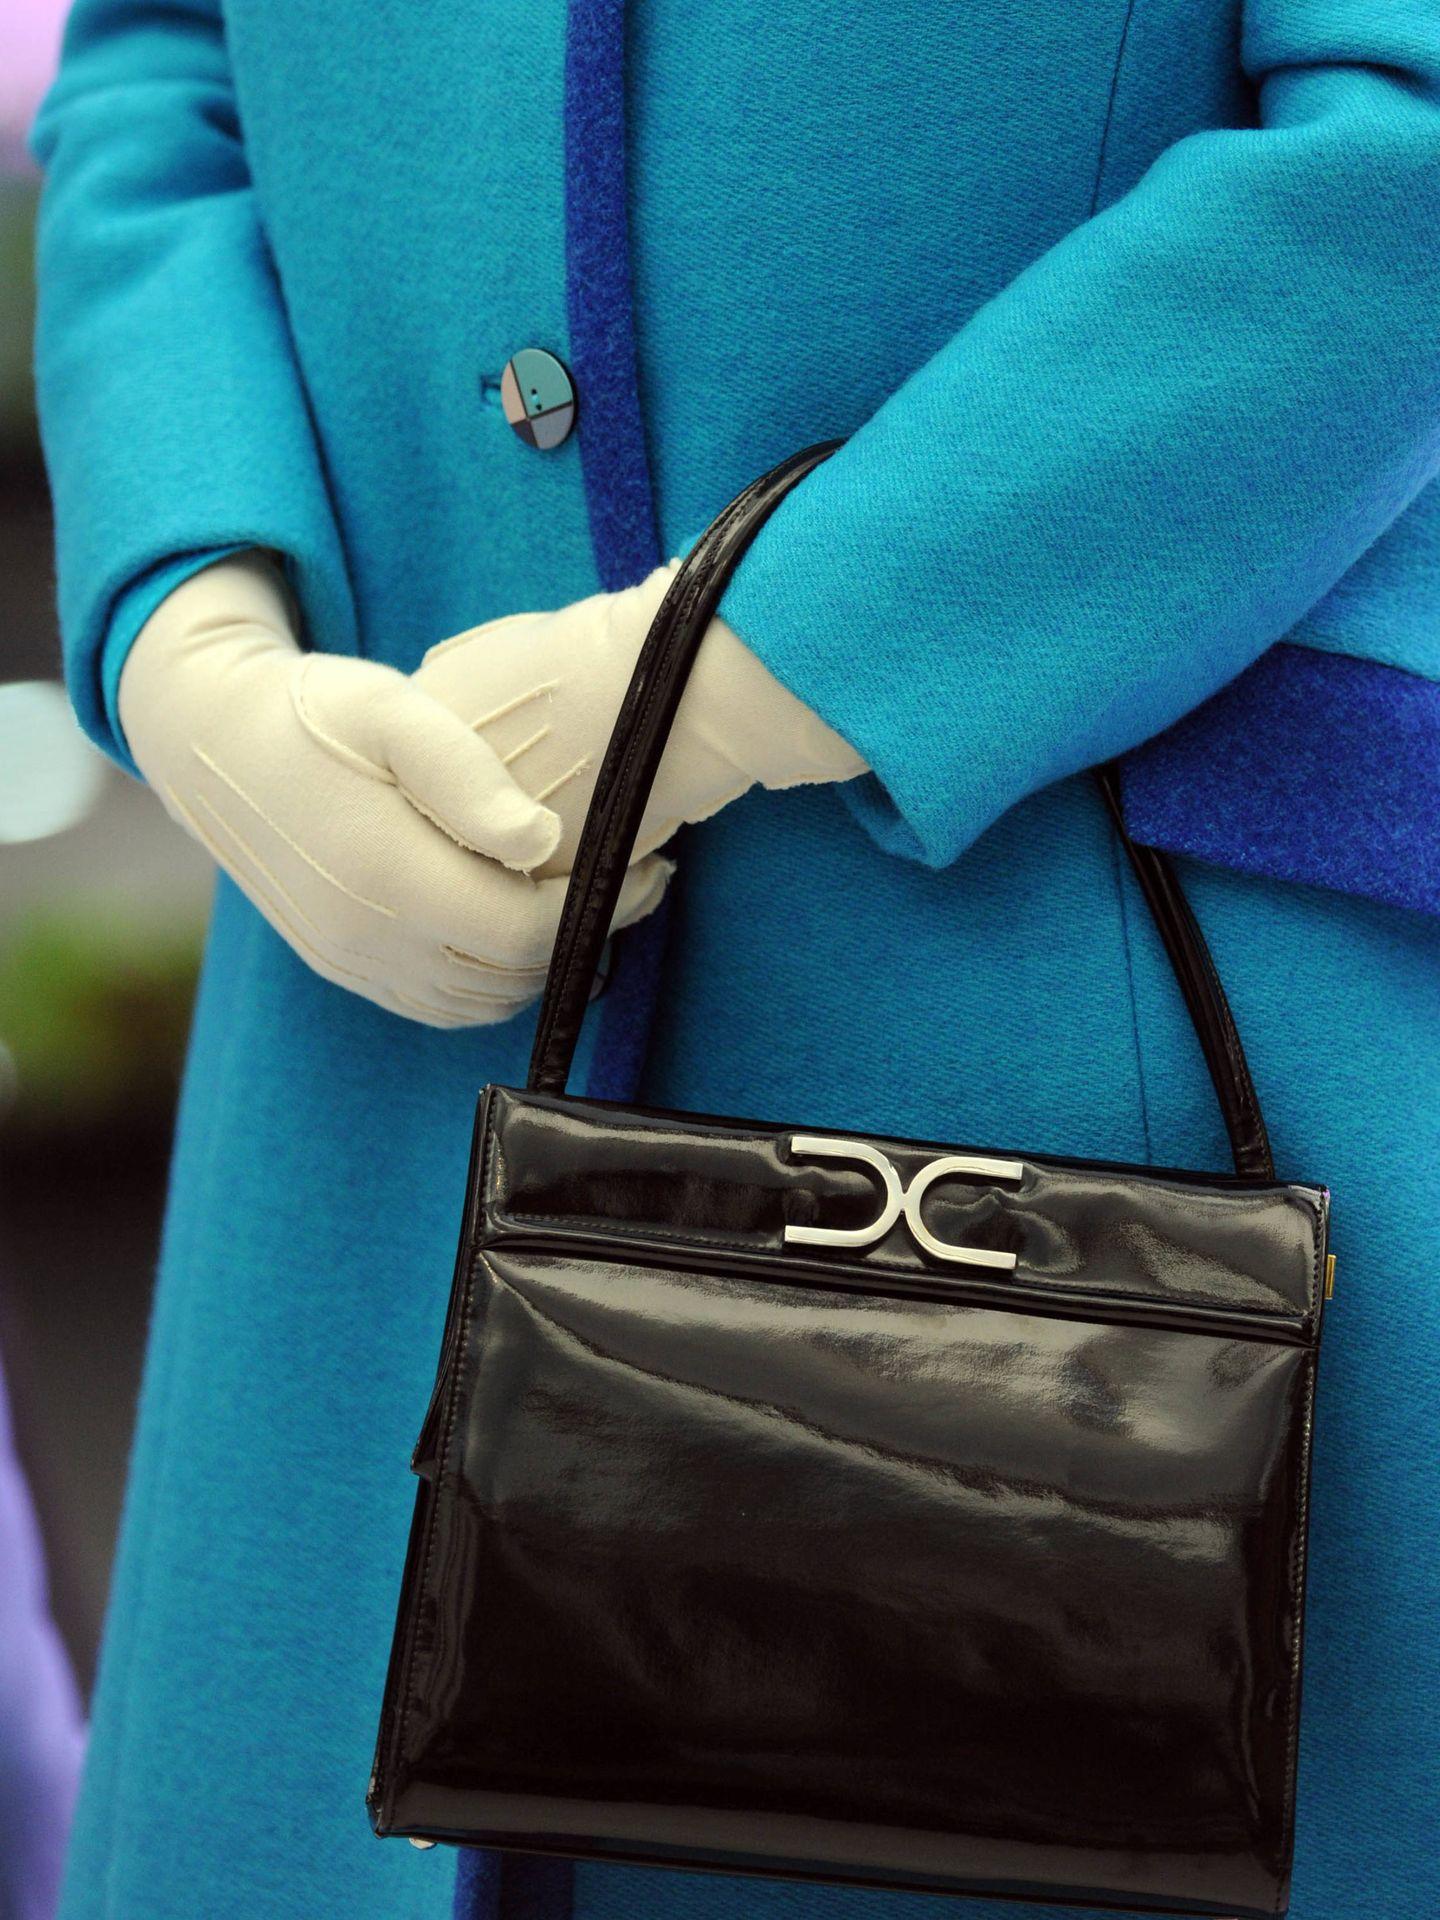 La reina y su bolso: ¡no se toca! (Getty)